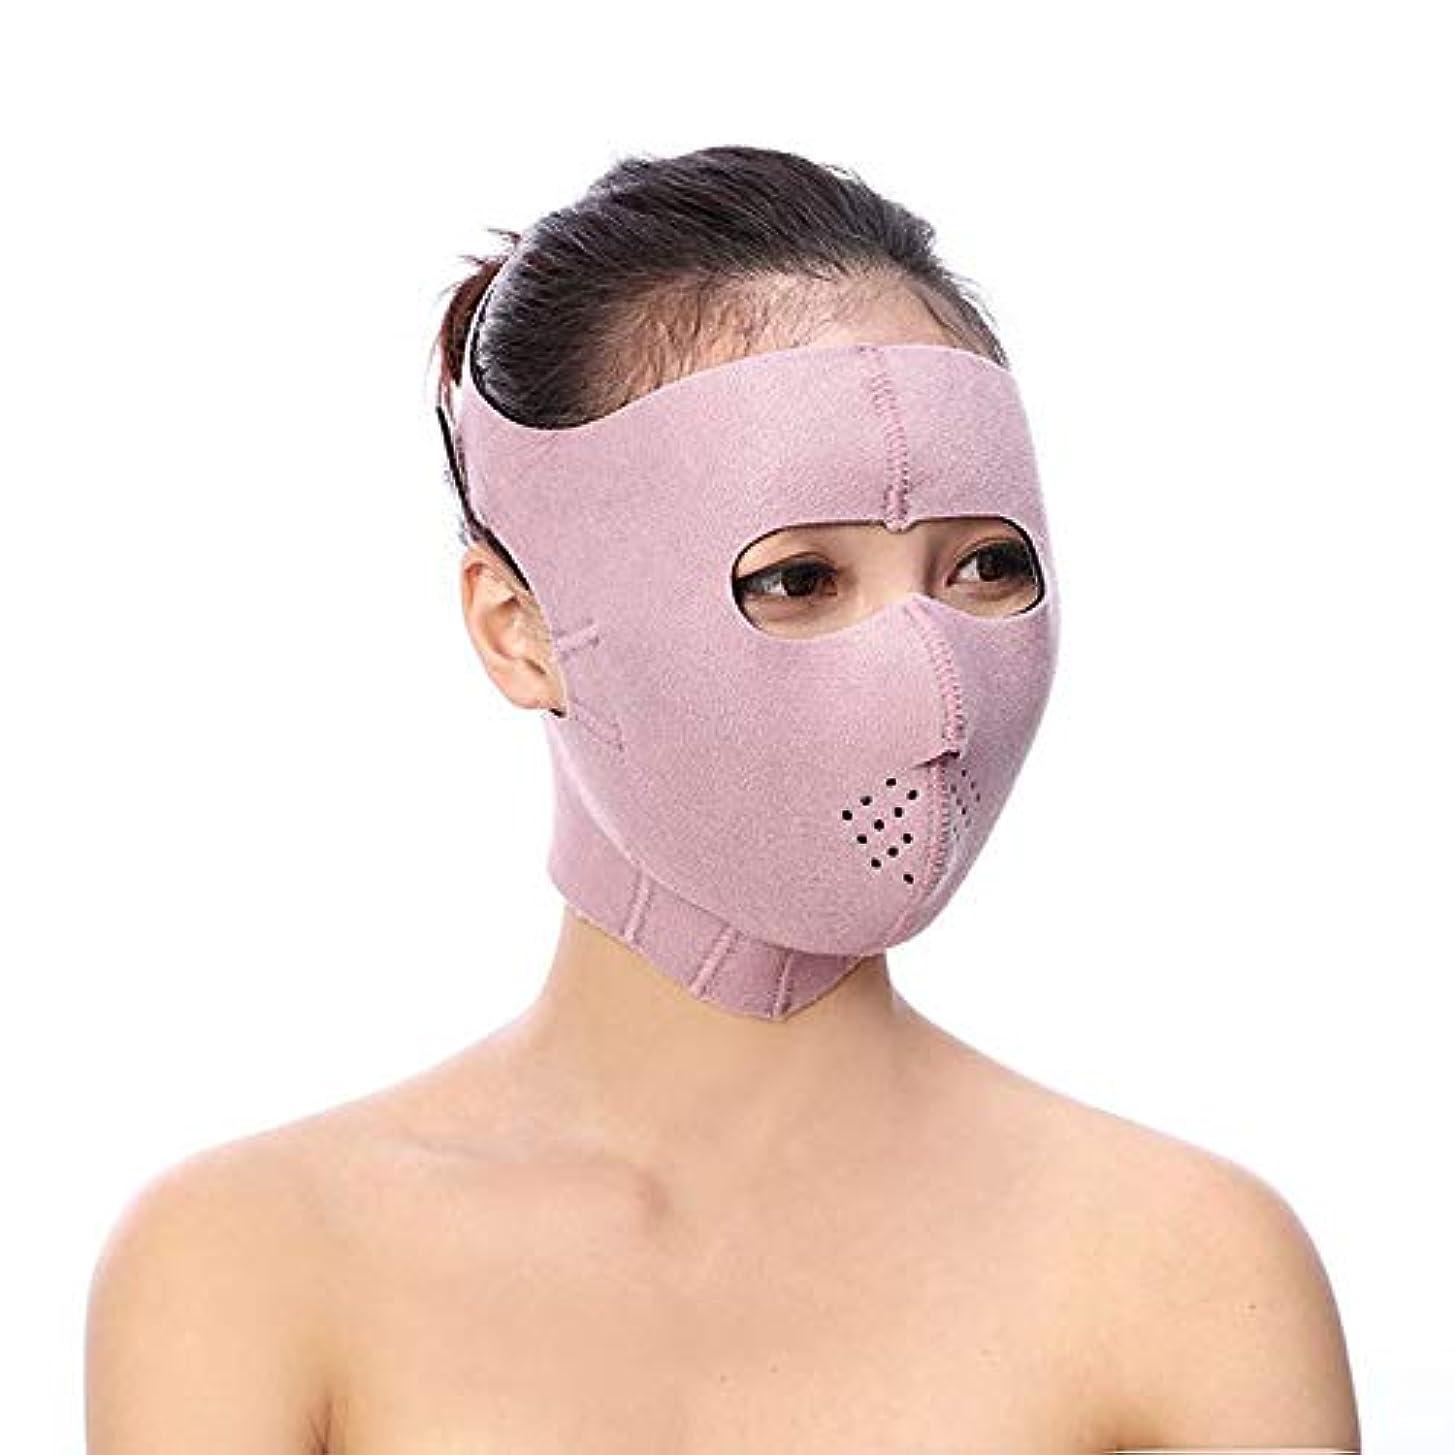 ロイヤリティマットレス百BS フェイシャルリフティング痩身ベルト - Vフェイス包帯マスクフェイシャルマッサージャー無料の薄いフェイス包帯整形マスクを引き締める顔と首の顔スリム フェイスリフティングアーティファクト